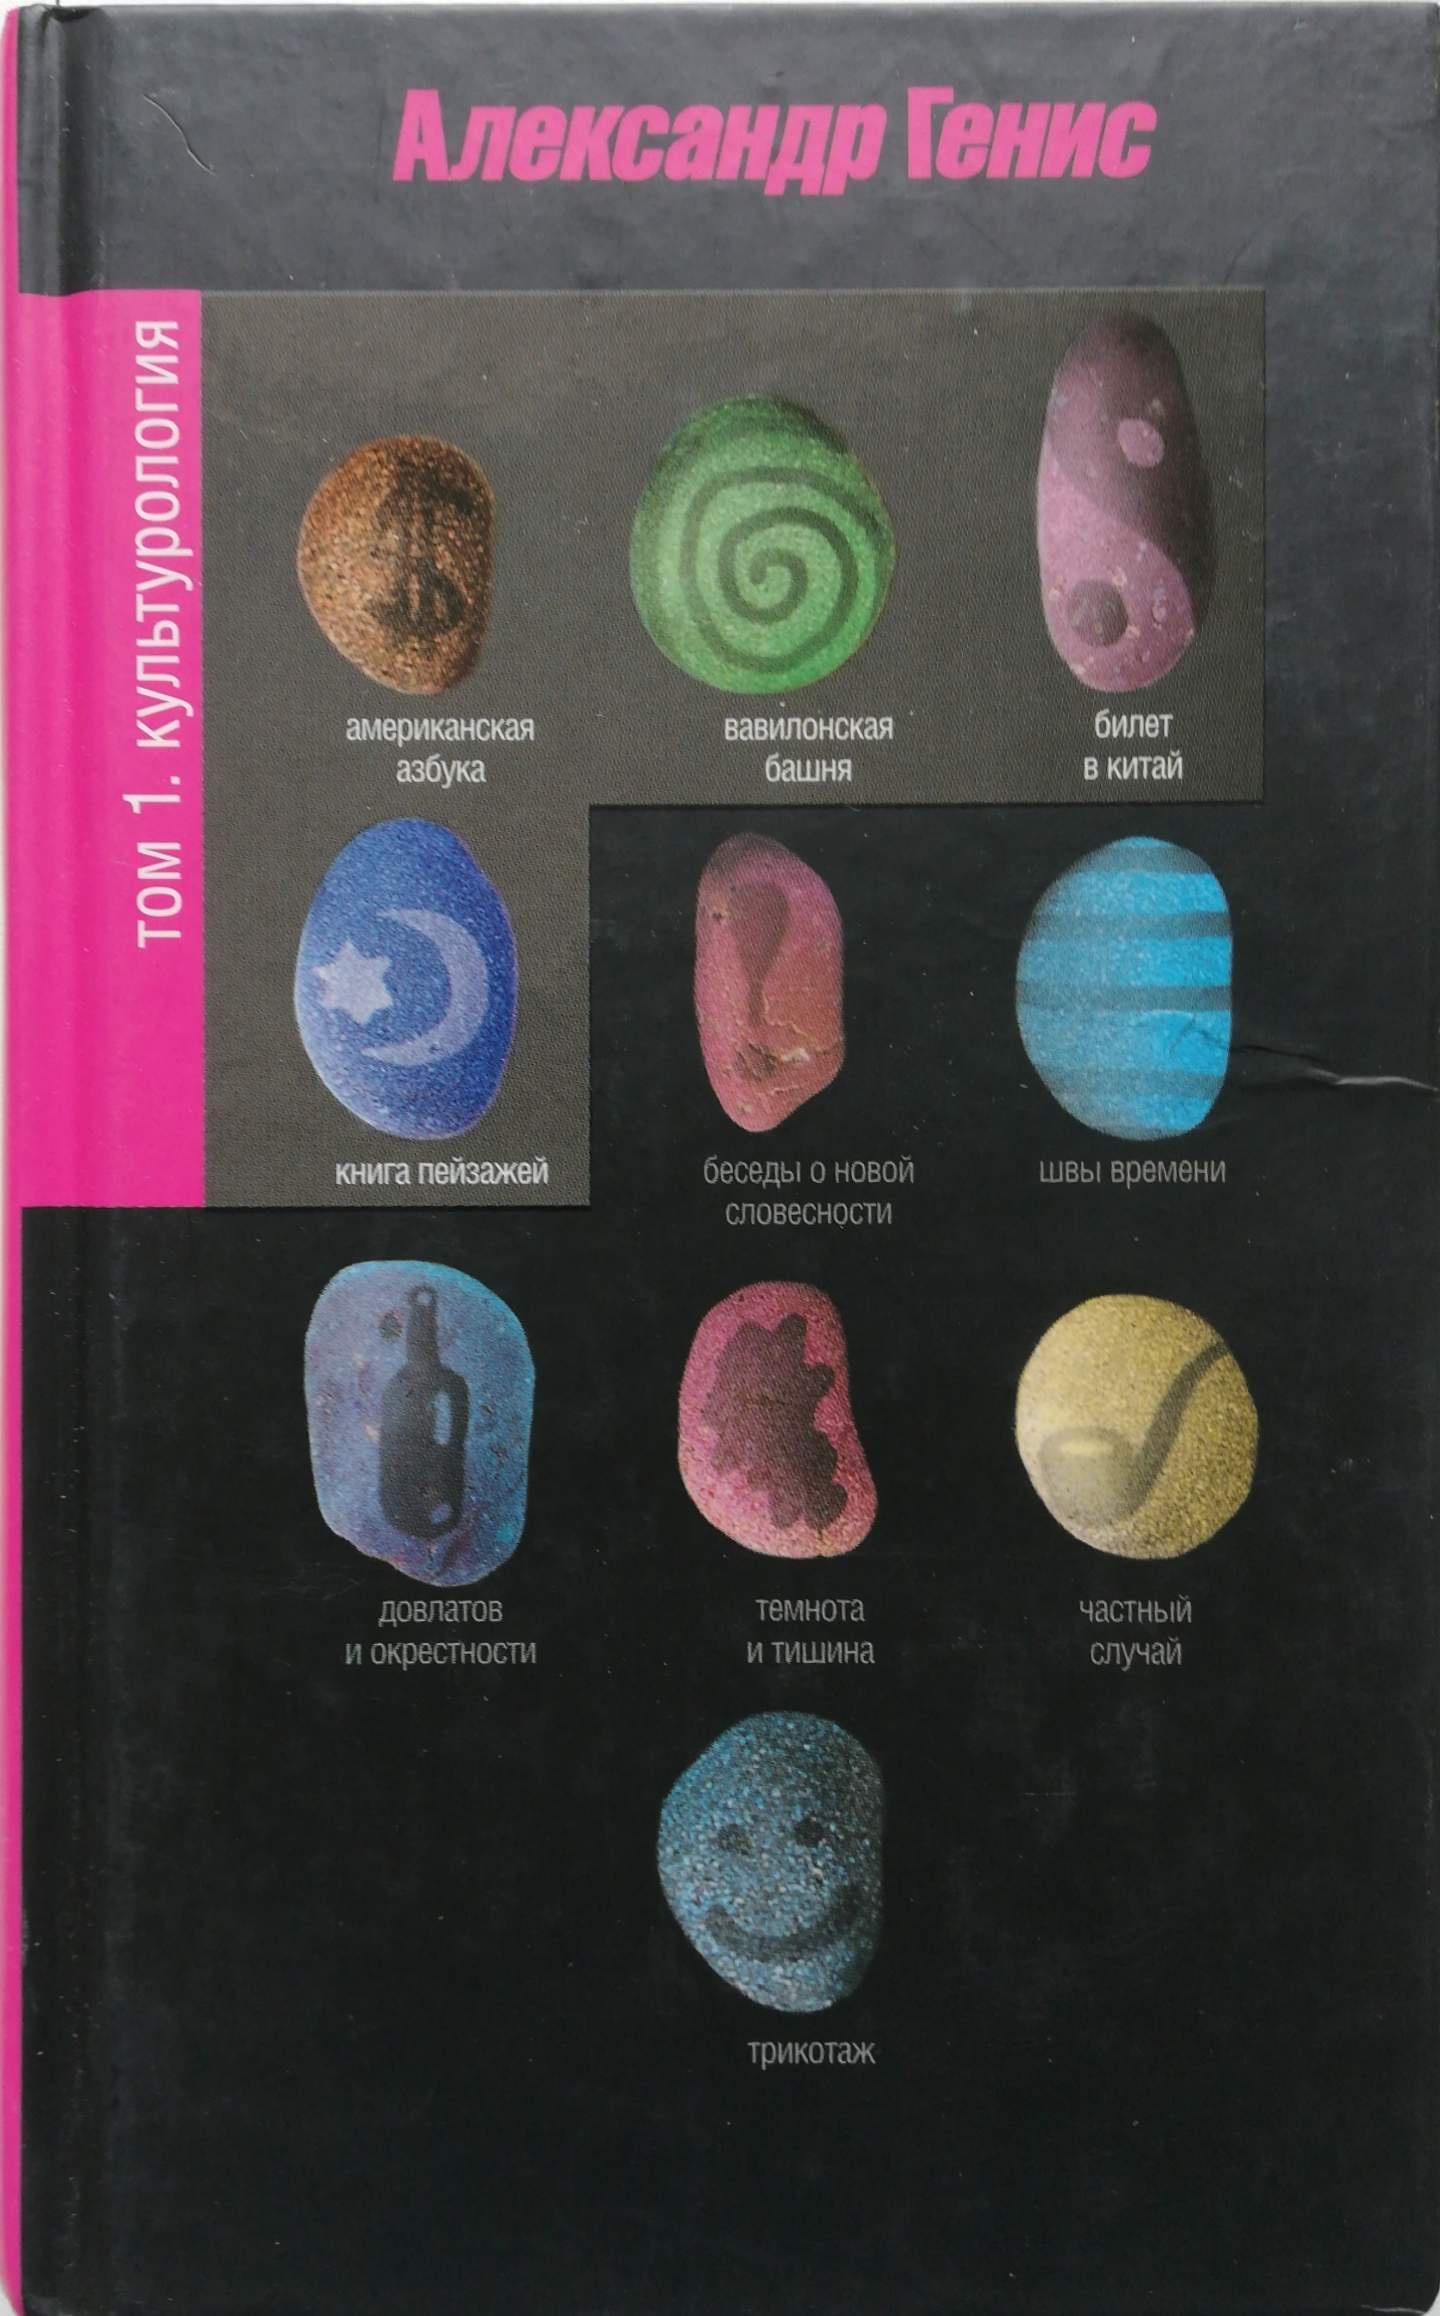 Александр Генис. Сочинения в 3-х томах. Том 1: Культурология